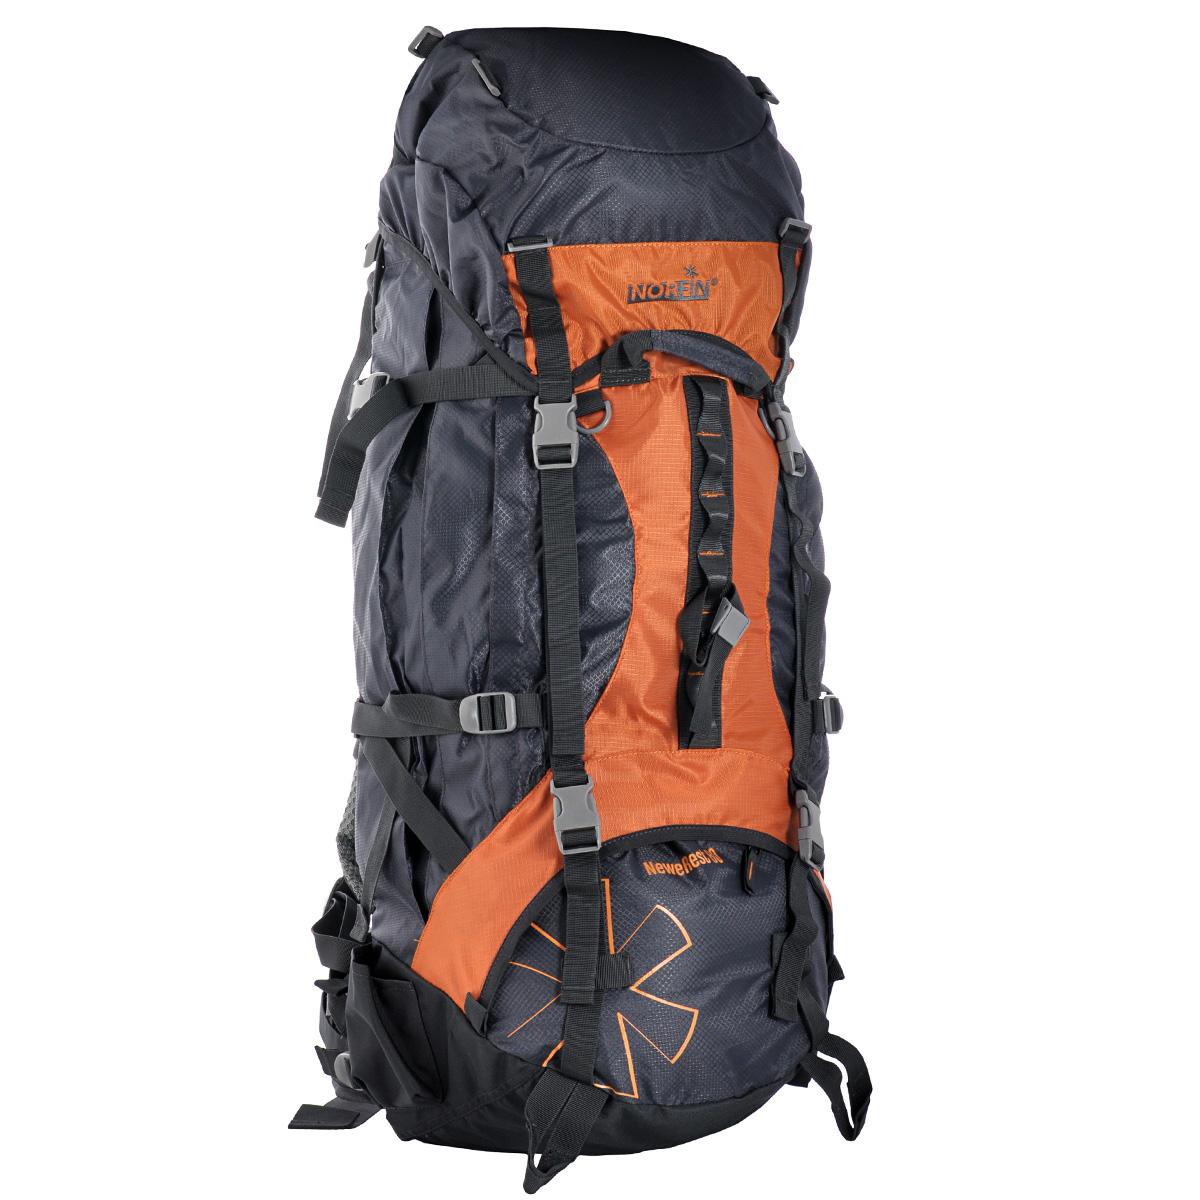 Рюкзак туристический Norfin NeweRest, цвет: серый, оранжевый, 80 л30783Туристический функциональный 80-литровый рюкзак Norfin NeweRest отлично подойдет для походов и путешествий.Особенности рюкзака:Анатомический съемный пояс. Отлично сидит на бедрах, хорошо перераспределяет нагрузку Регулируемая подвесная система V-1Грудная стяжкаАлюминиевые латыВыход под питьевую системуОсновное отделение с разделителем на молнии позволит удобно распределить содержимое рюкзакаВерхний и нижний входы в основное отделениеОбъемные боковые карманы Нижние боковые карманы для фиксирования длинномерных грузов имеют боковые стяжкиПлавающий верхний клапан с внешним и внутренним карманами Дополнительная ручка с фронтальной стороны для погрузки-разгрузки рюкзакаЧехол-дождевик в кармане на днеВозможность крепления трекинговых палок.